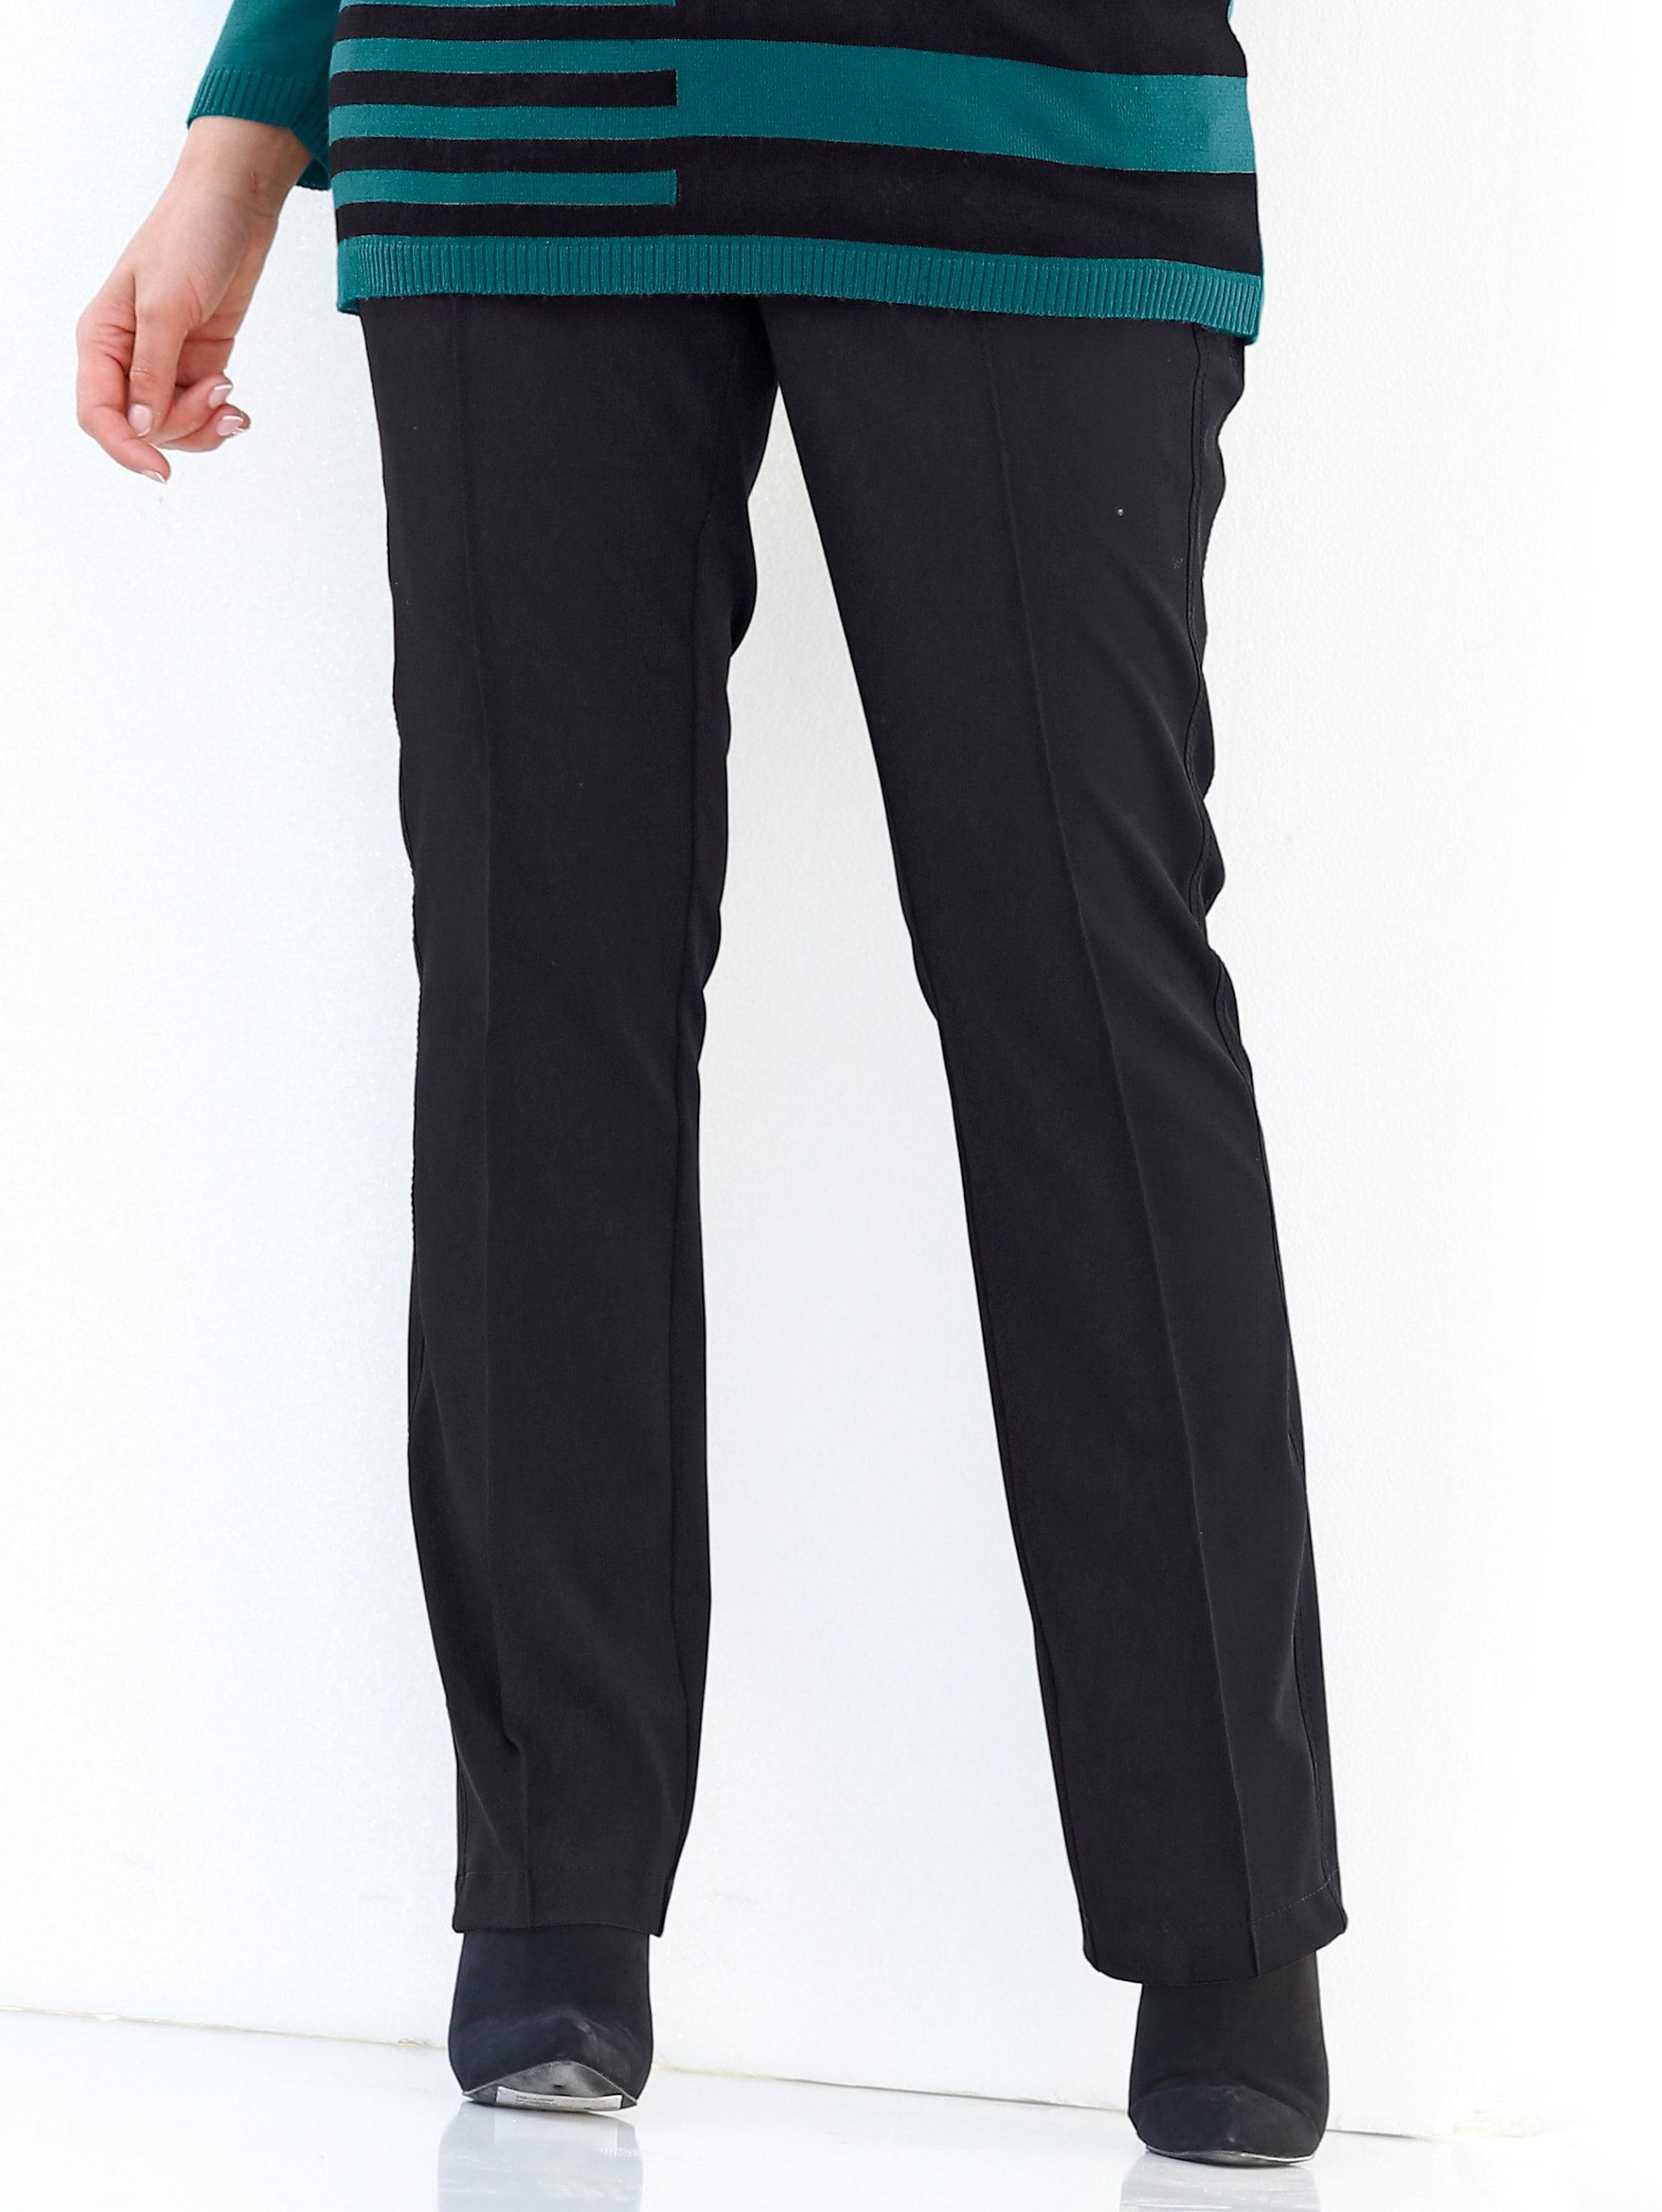 MIAMODA Hose mit Bauchweg-Effekt schwarz Damen Gerade Hosen lang